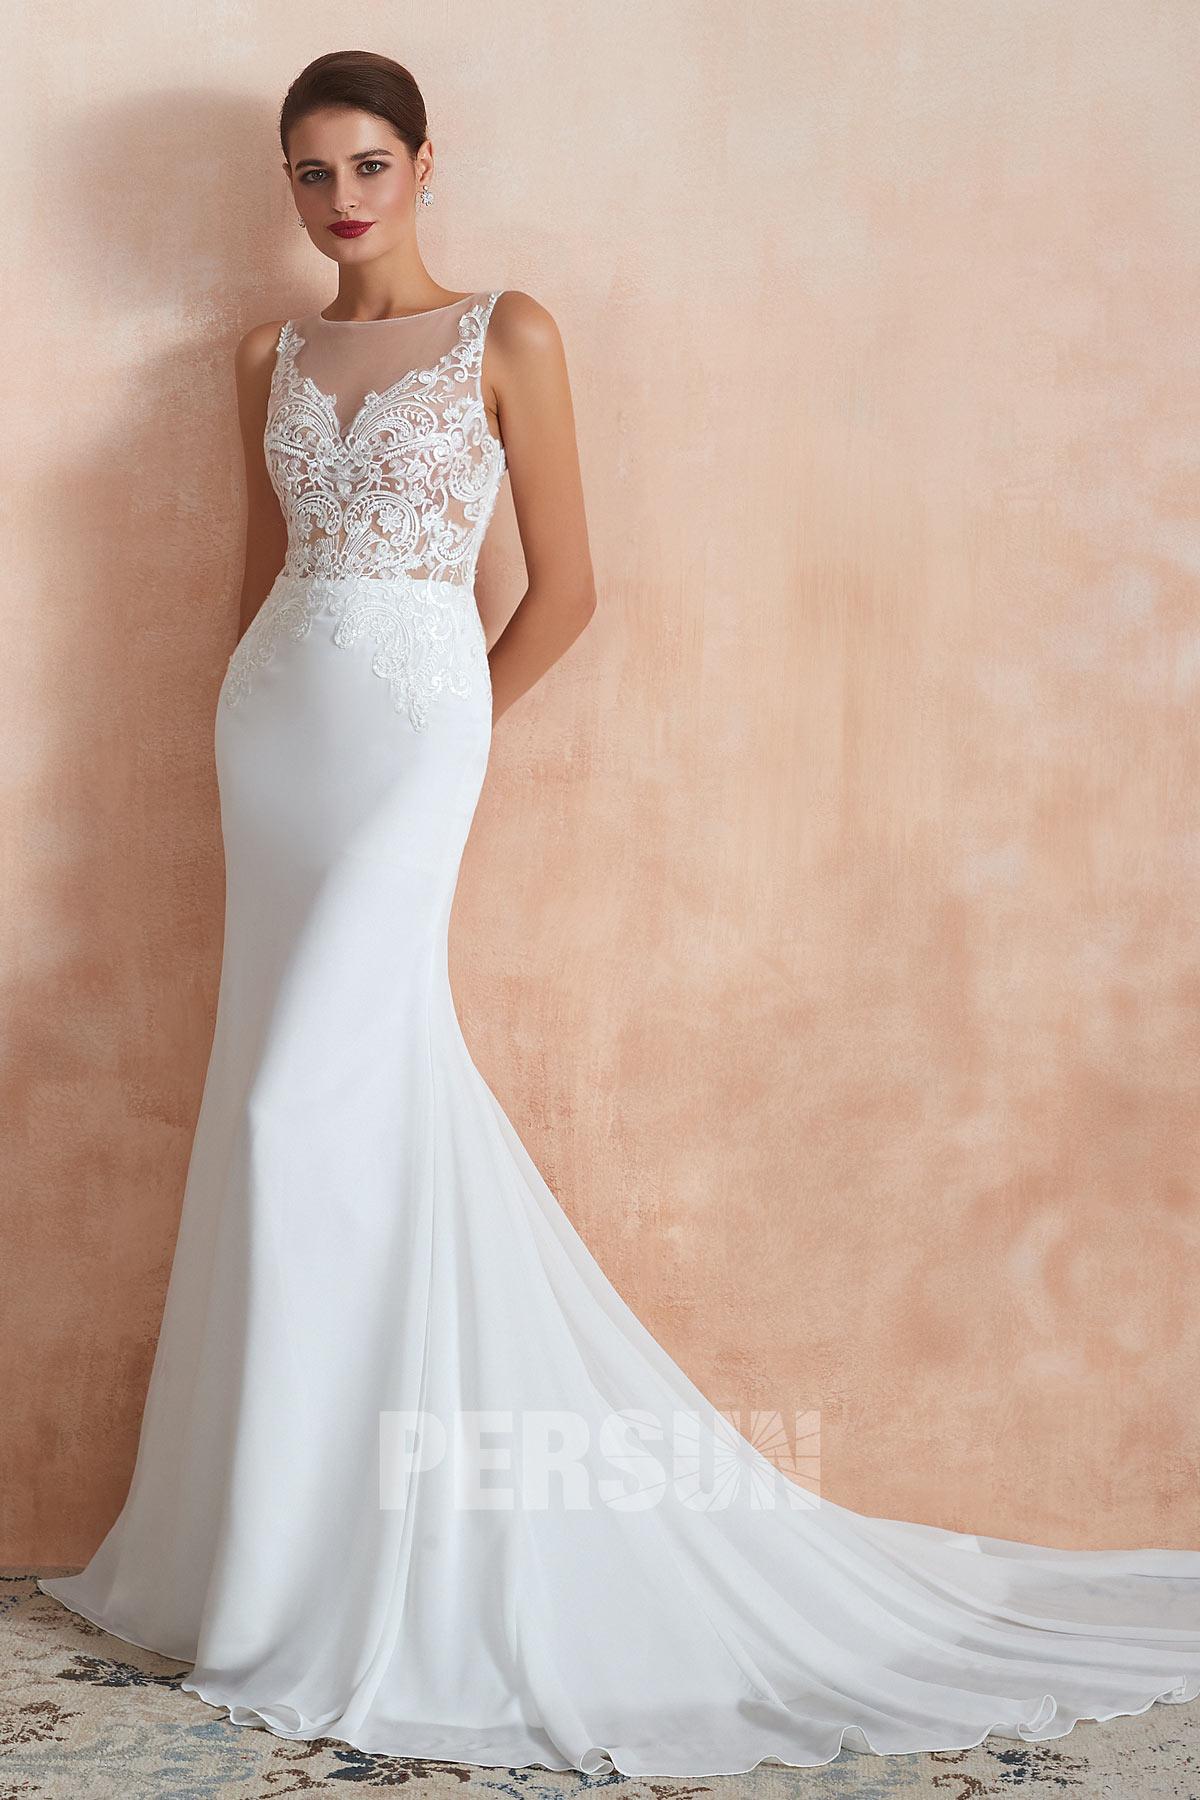 robe de mariée sirène bustier transparent appliqué de guipure pour femme enceinte